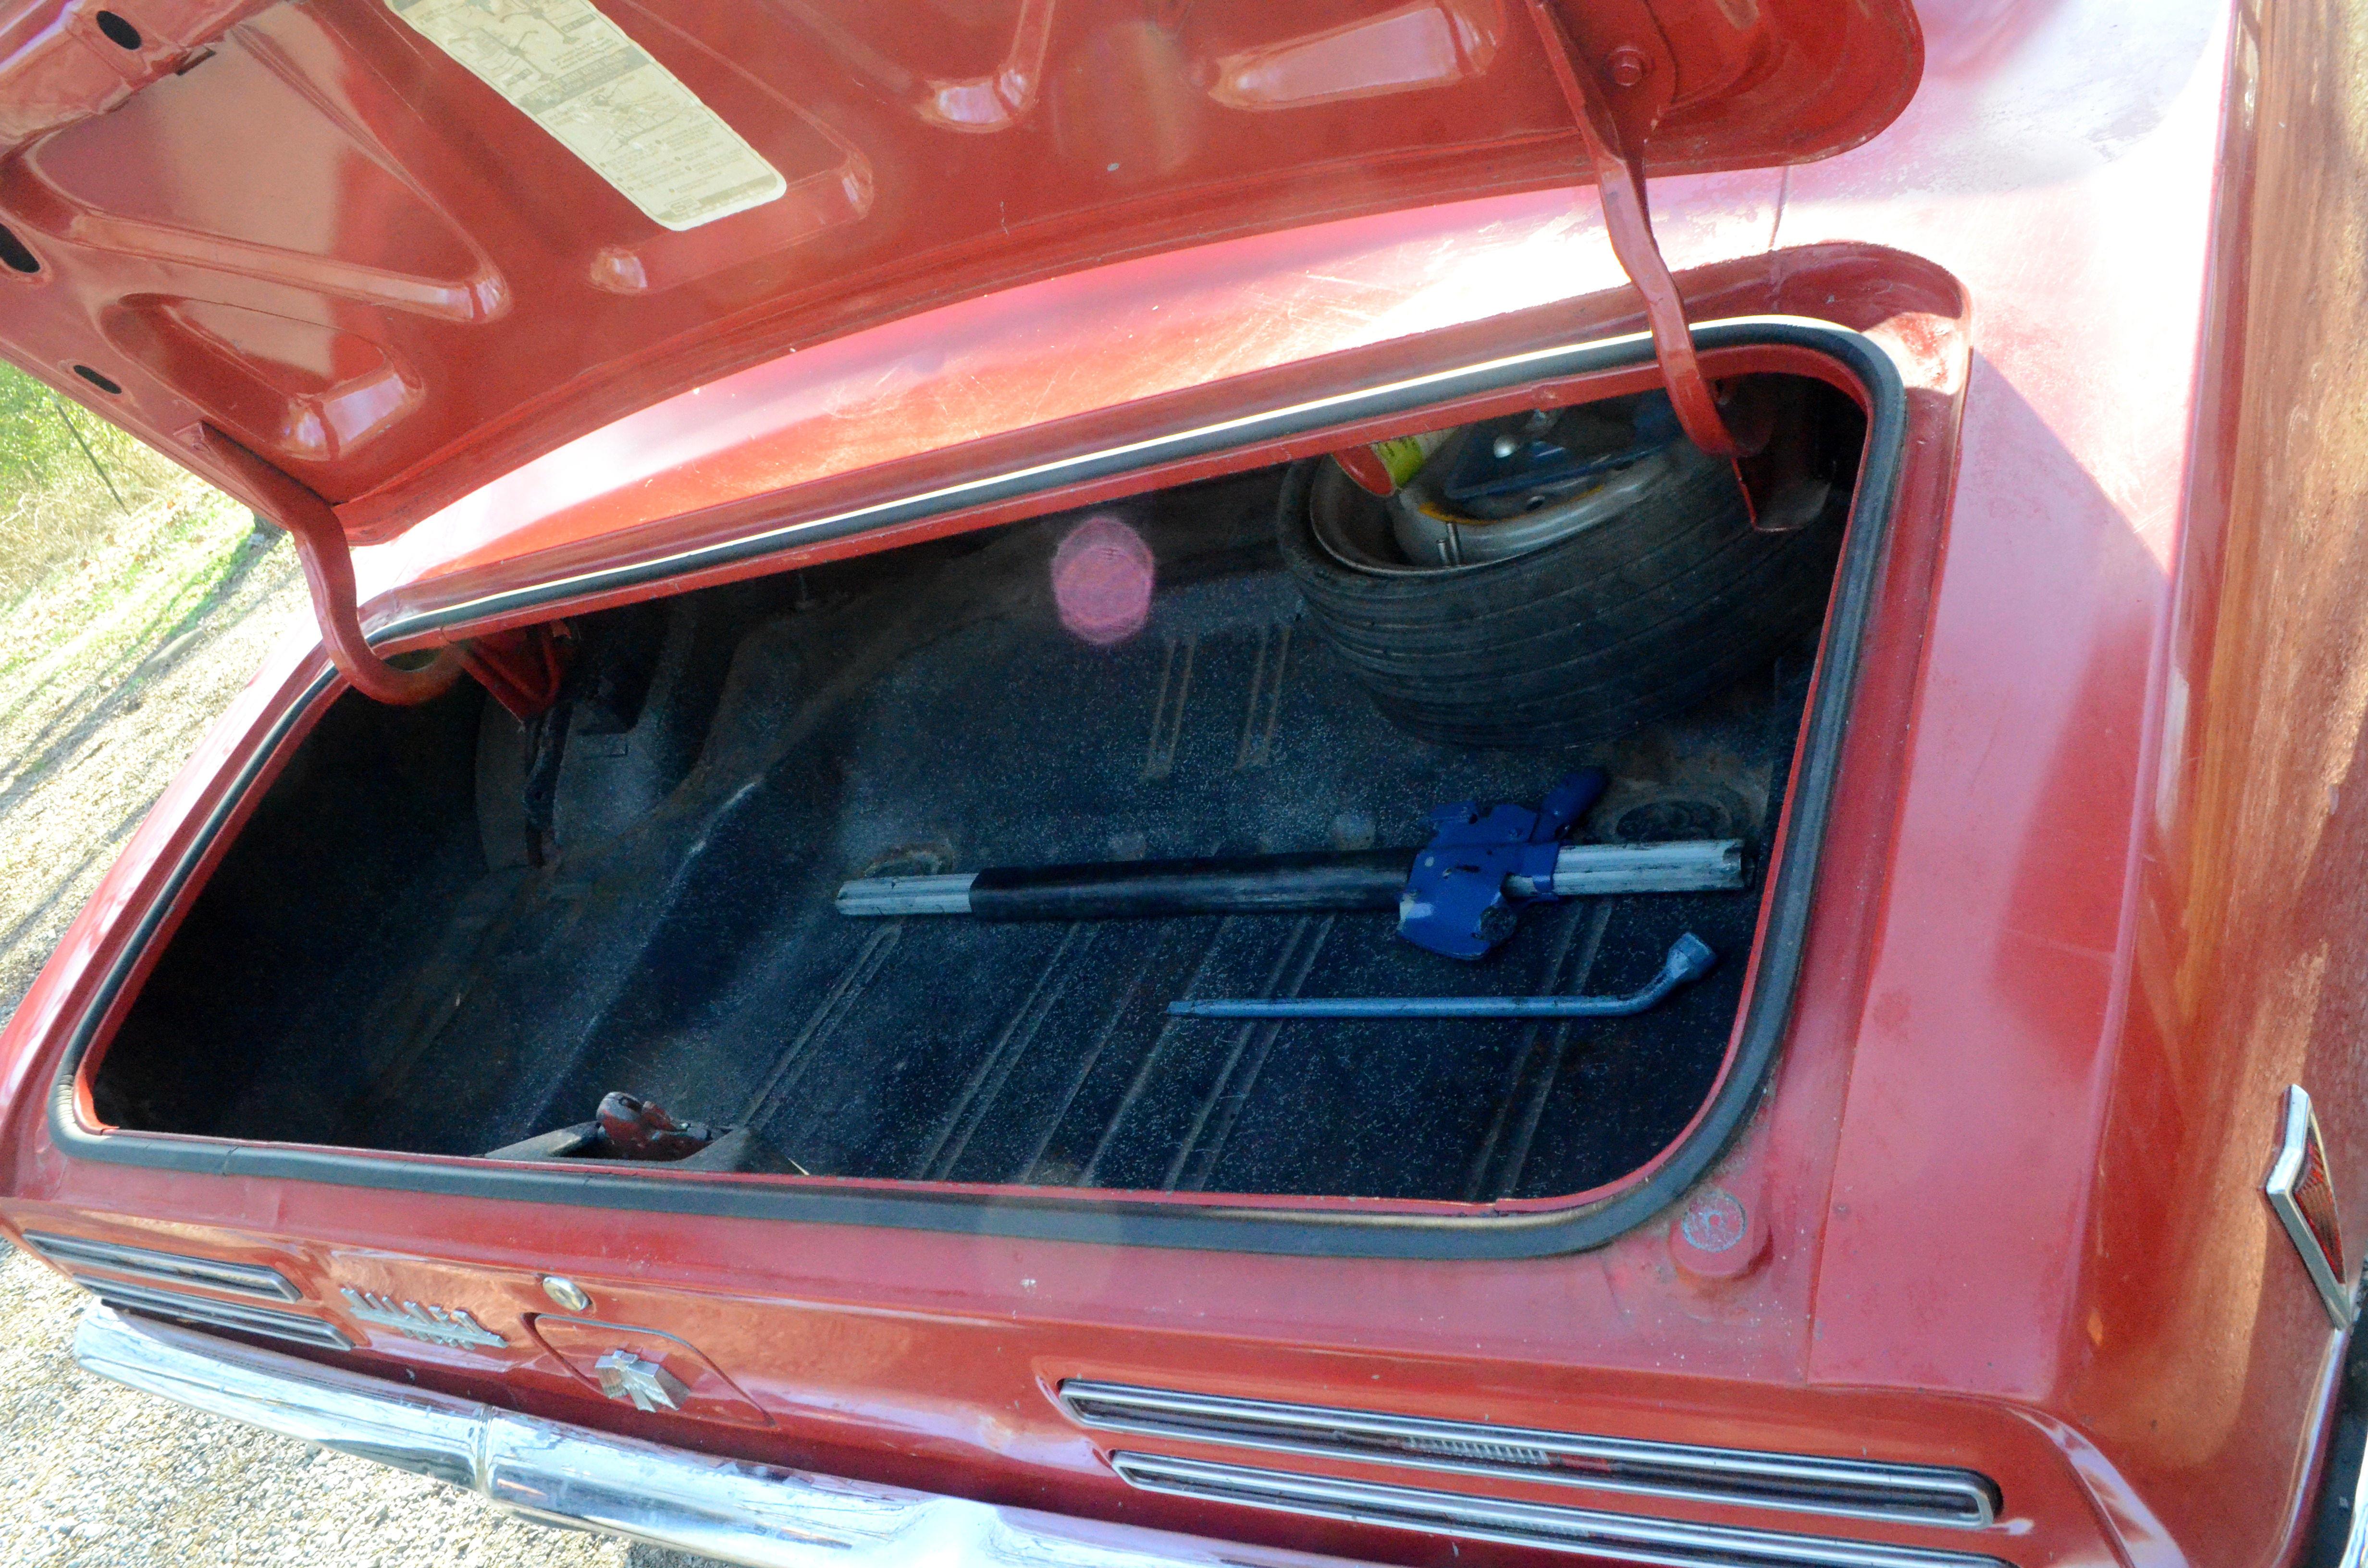 68 Firebird trunk